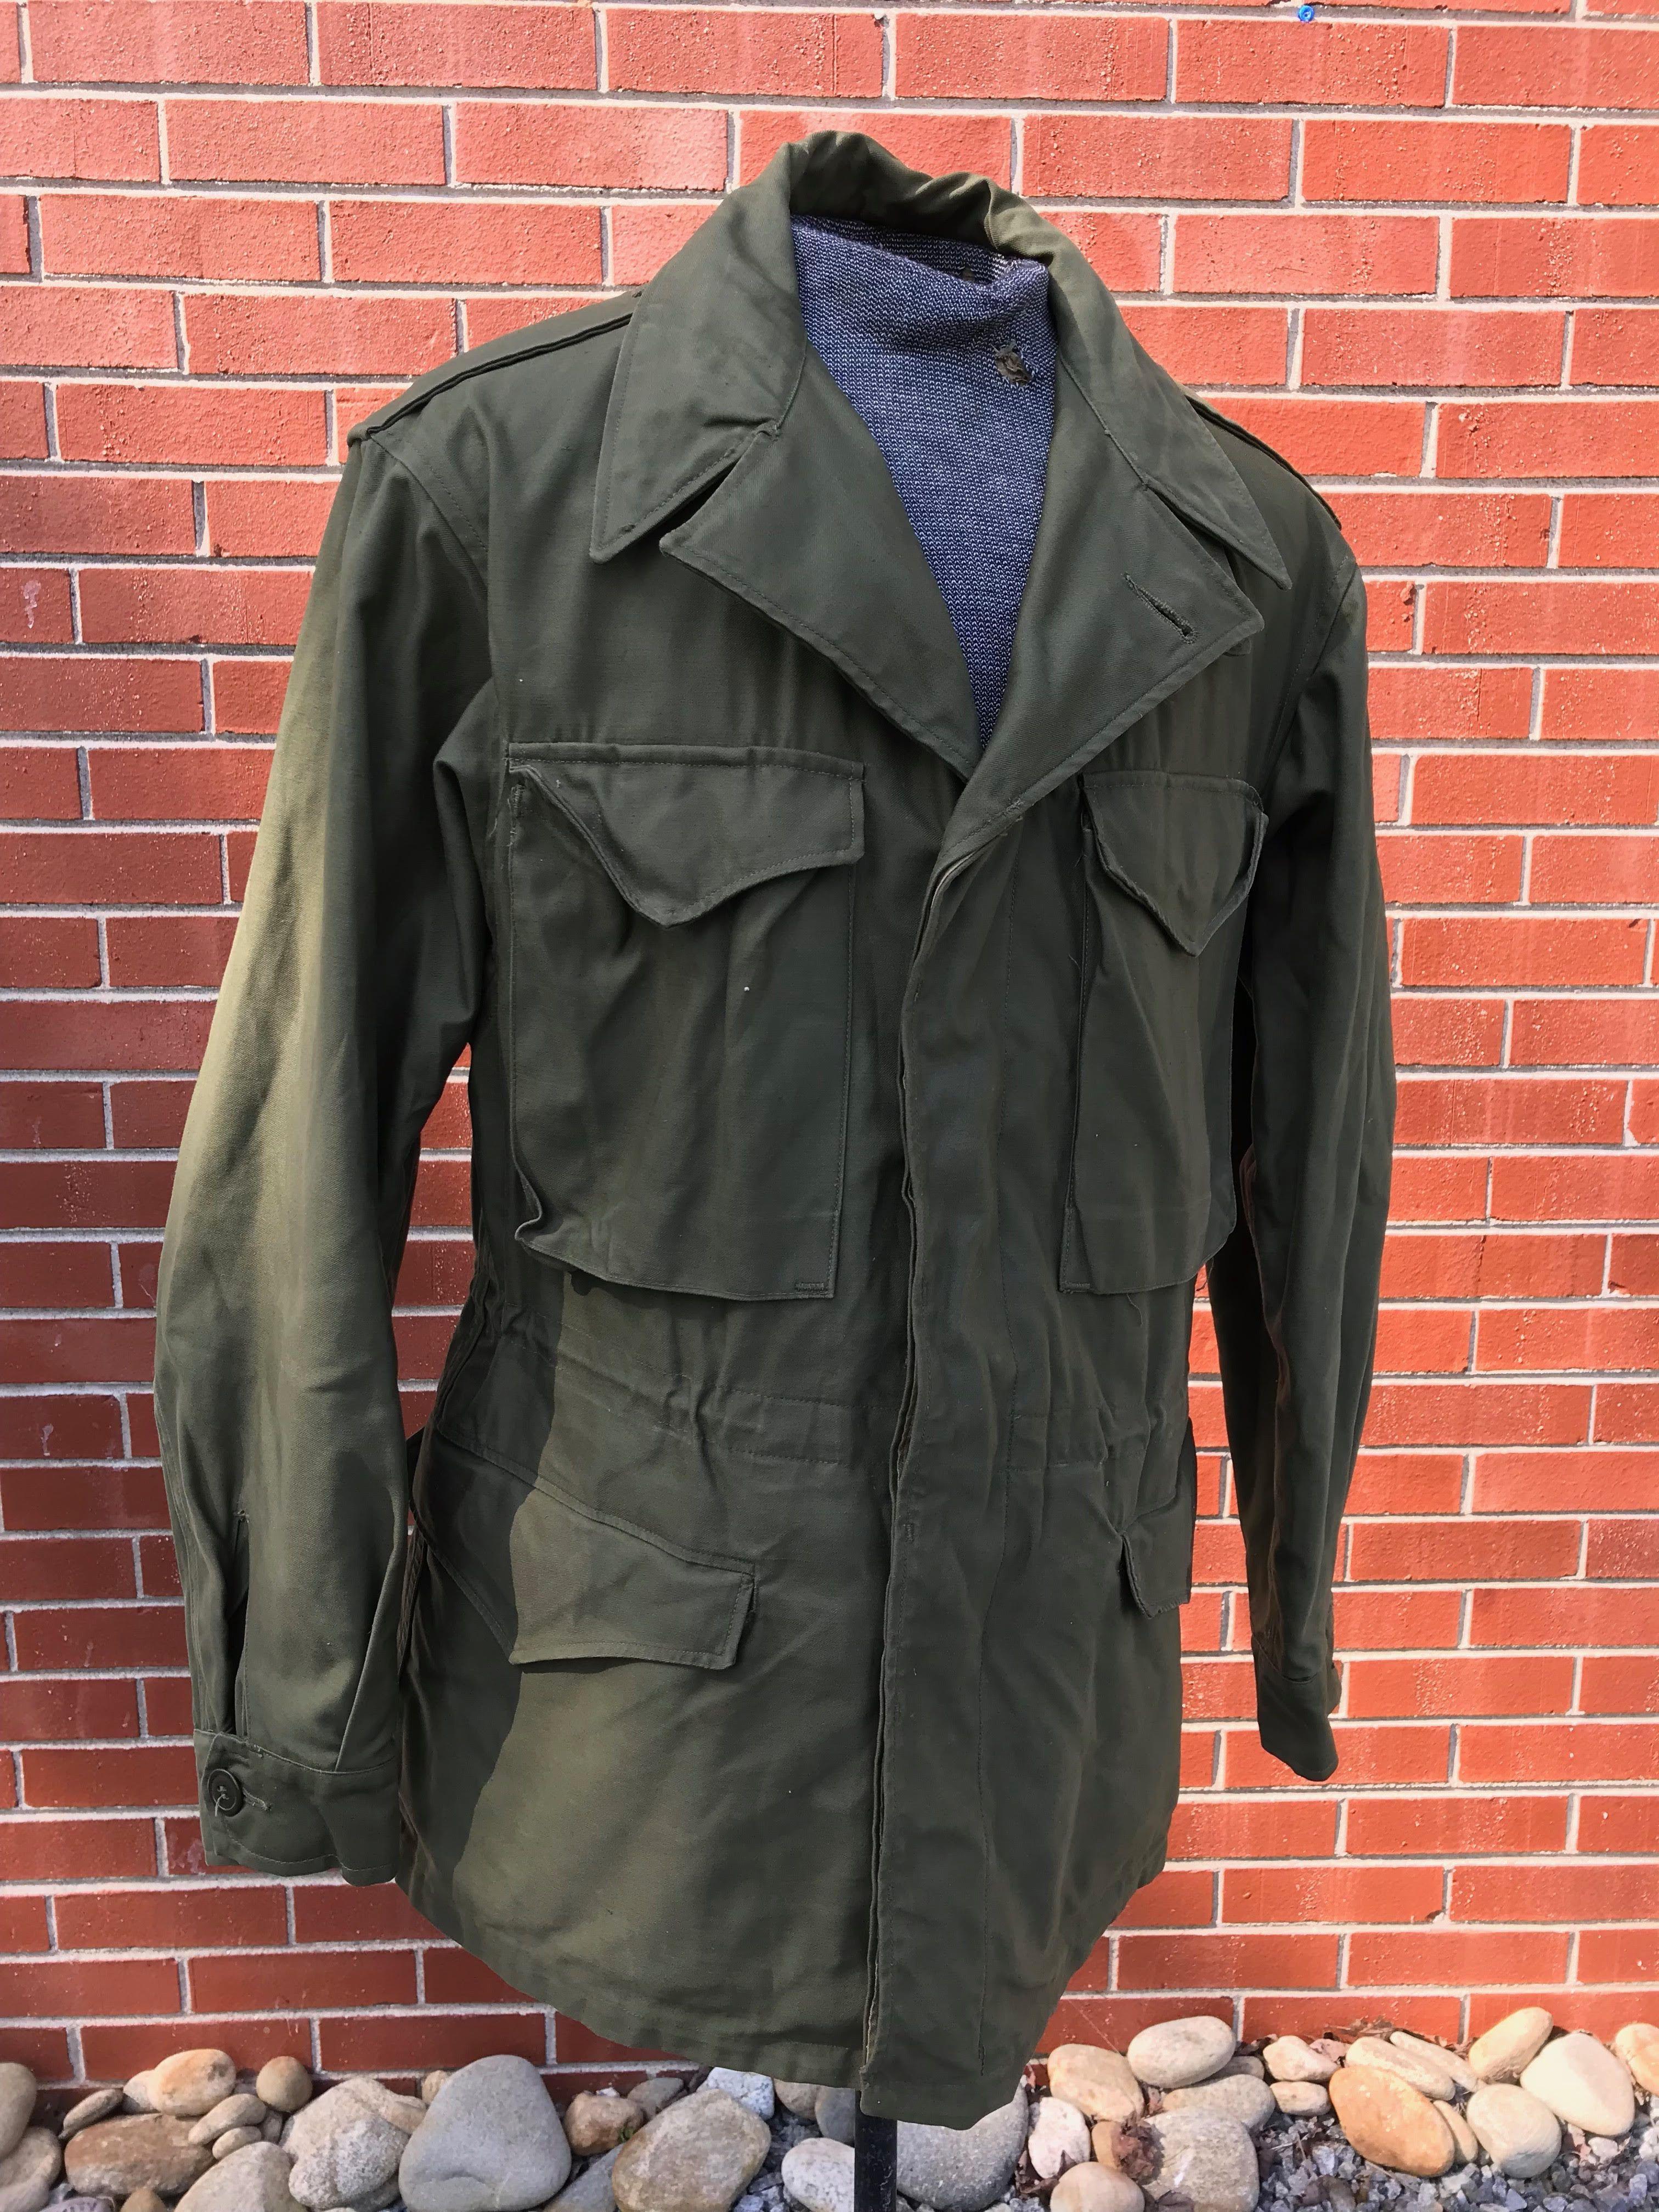 Korean War US Military M50 Field Jacket  6c836fa9df7